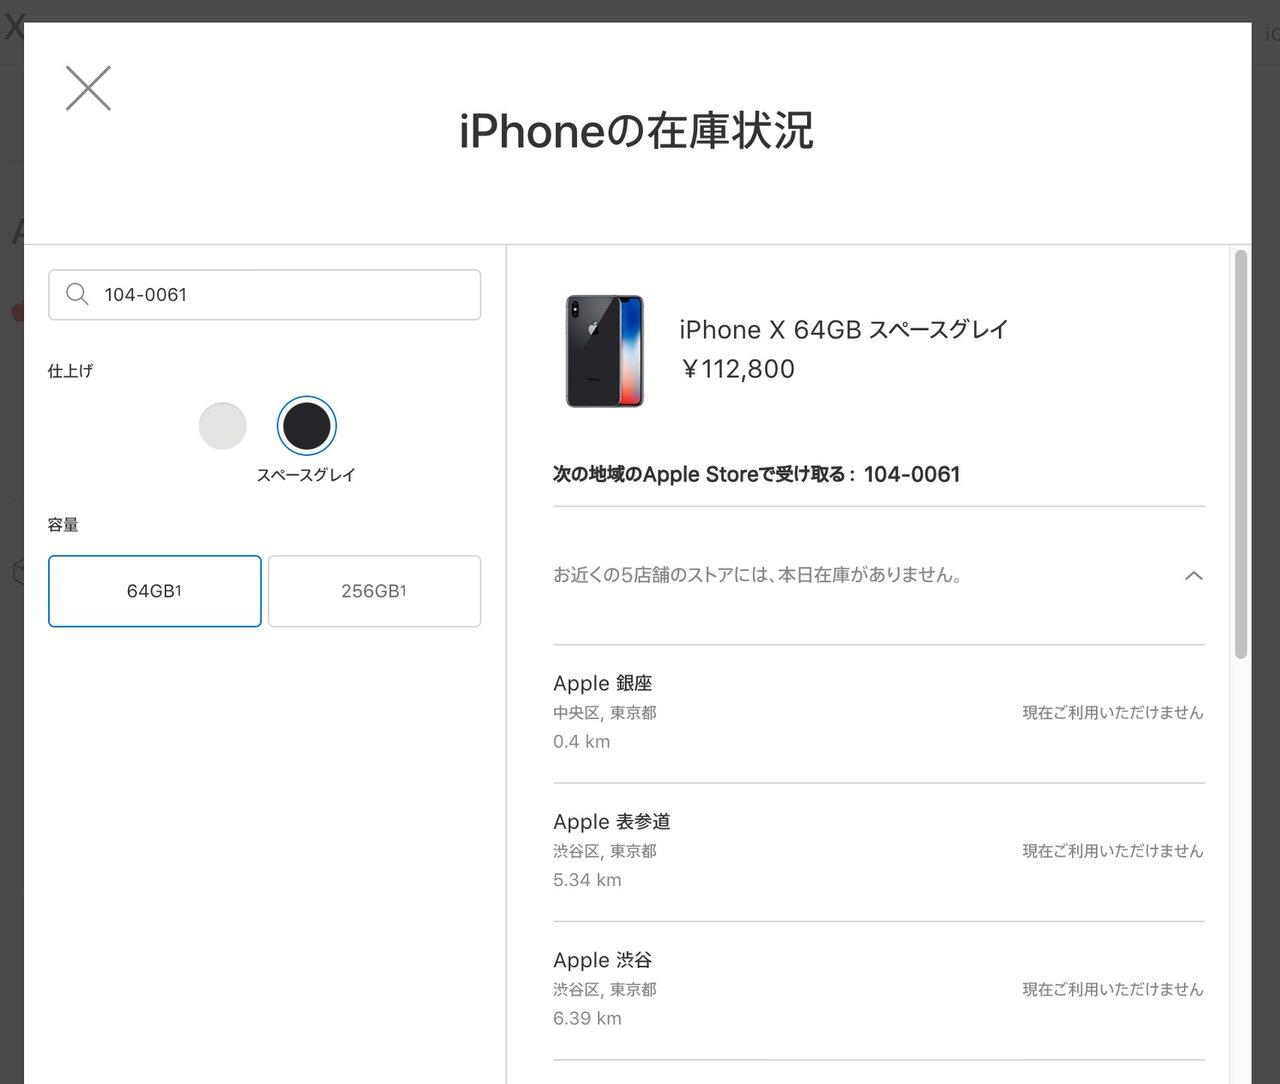 iPhoneのApple Store店頭の在庫状況をApple公式サイトで確認可能に